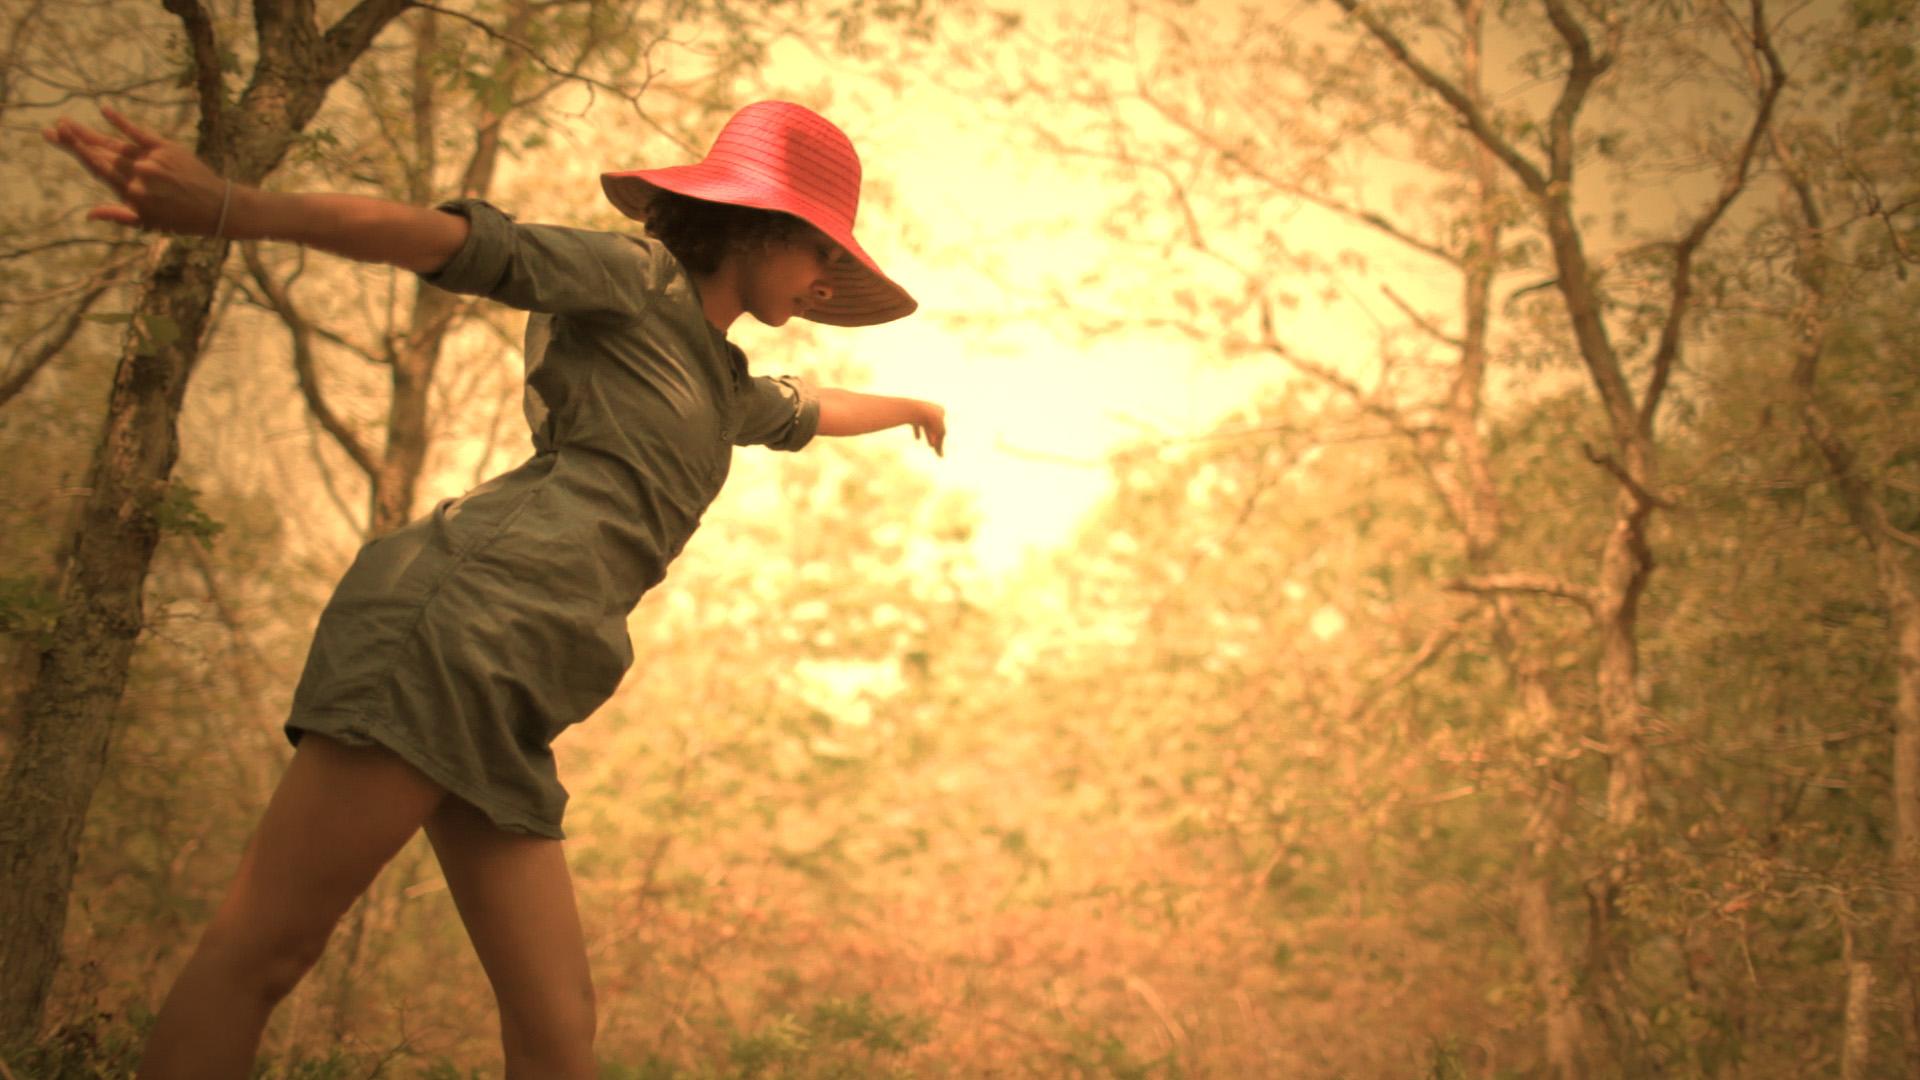 Vineyard_Dancer_1080p_01.jpg